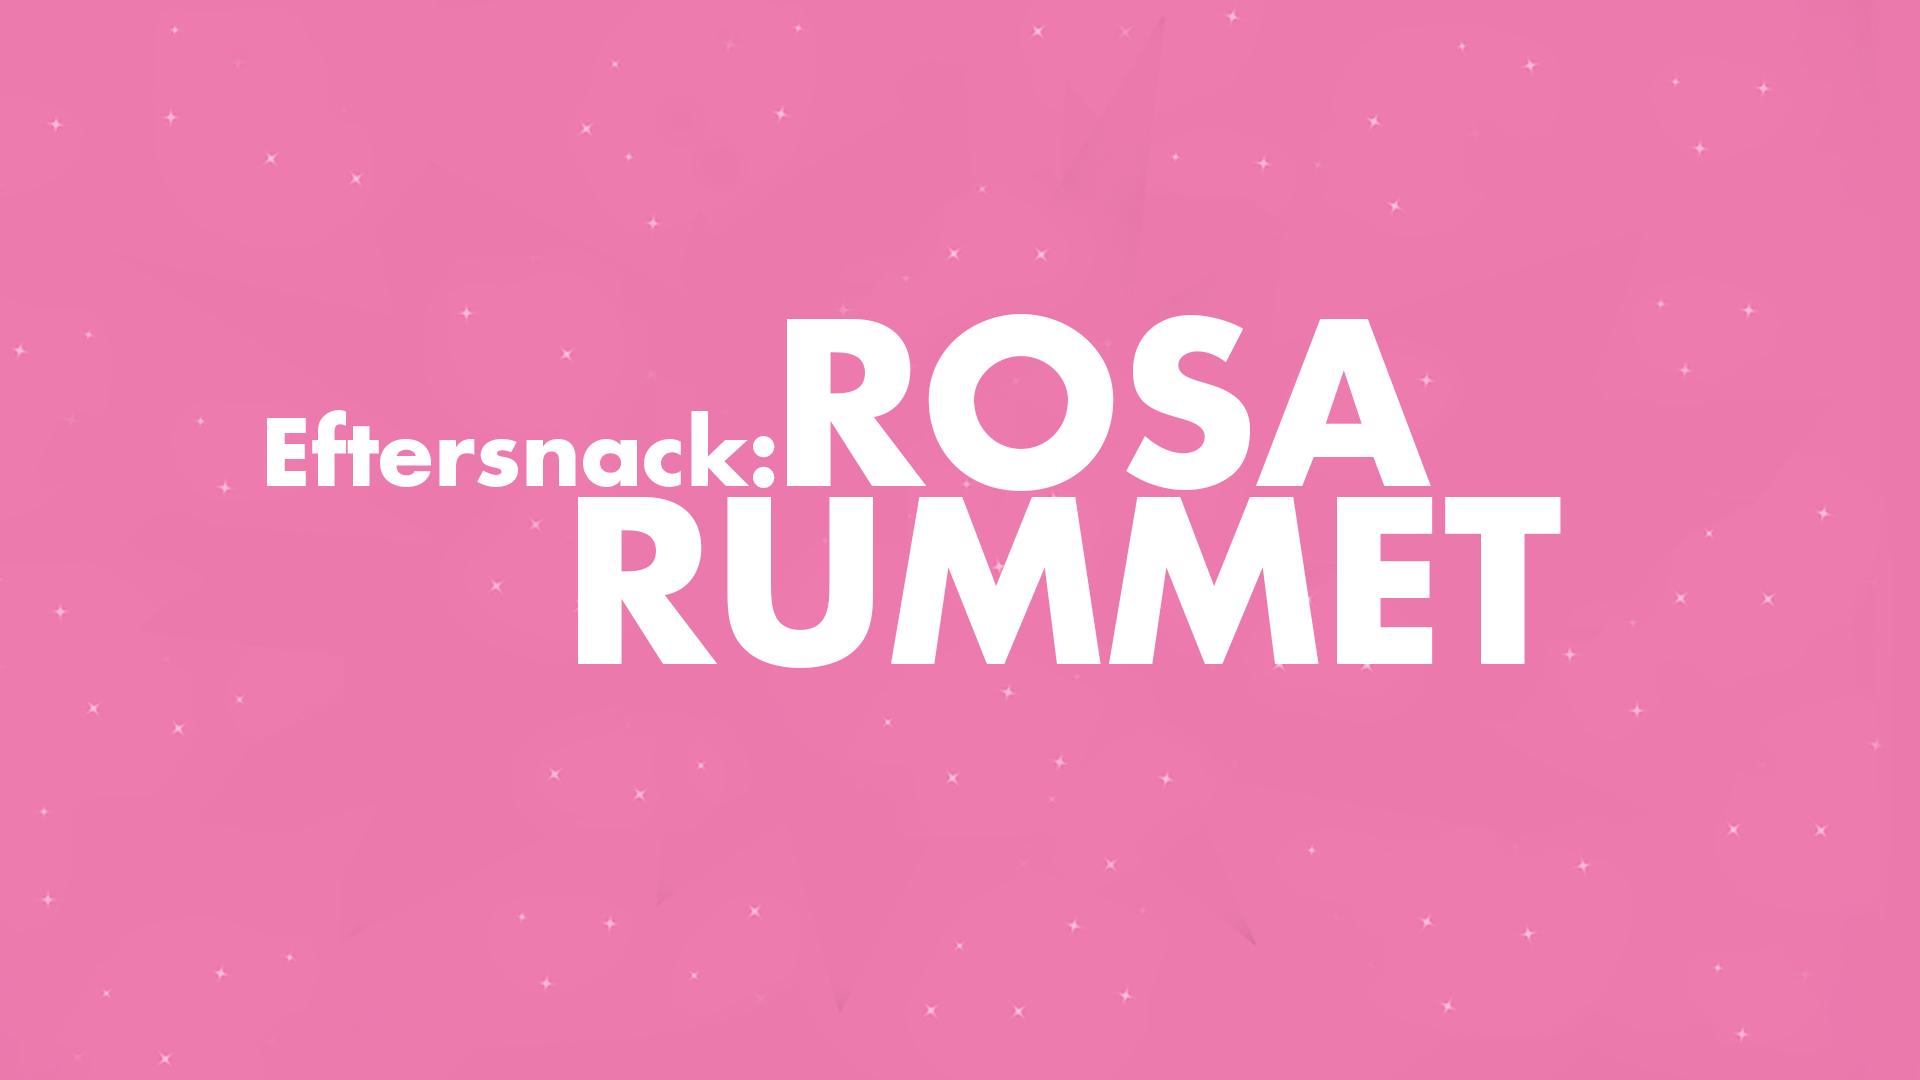 Eftersnack: Rosa rummet